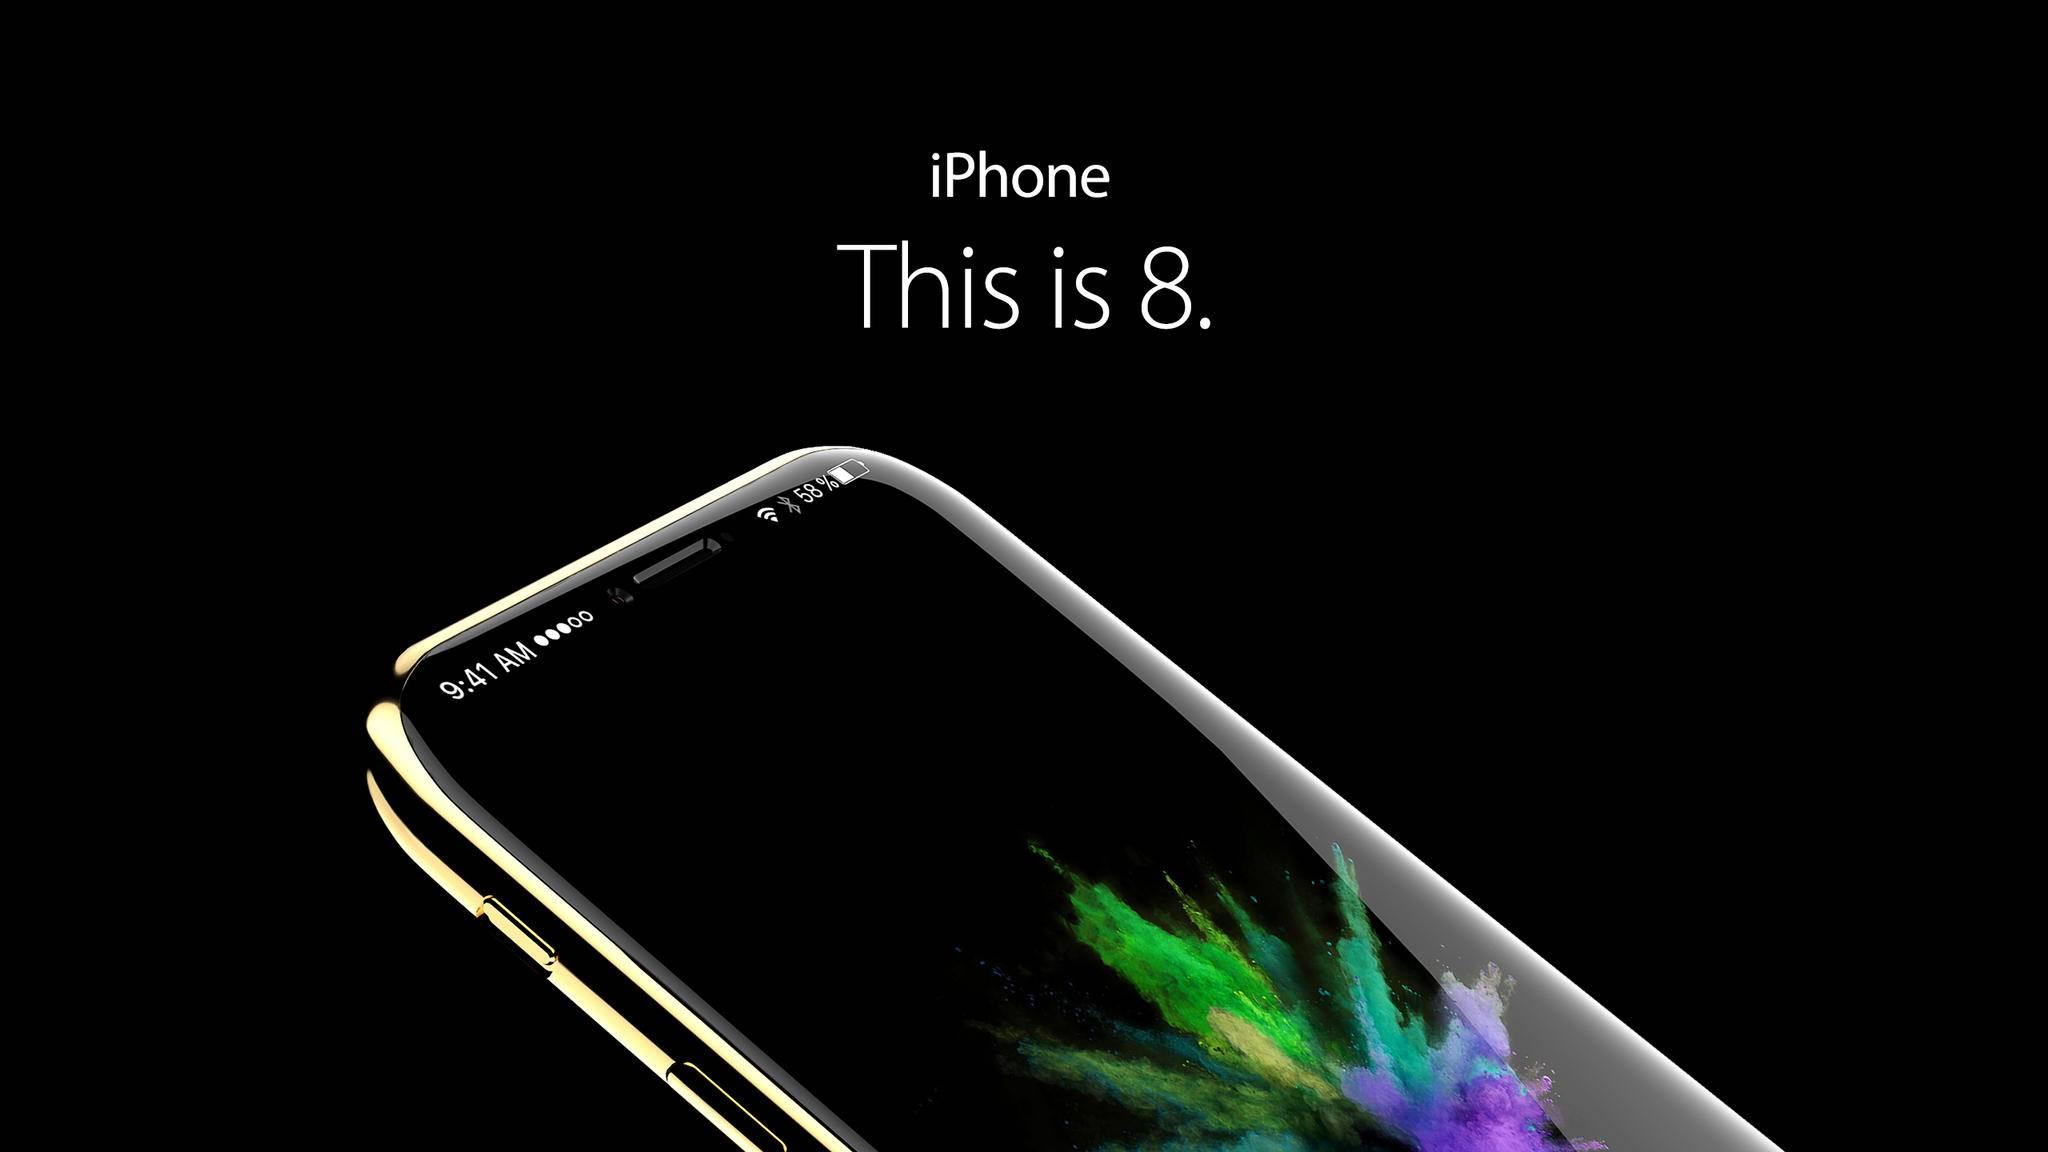 Das iPhone 8 soll einen Fingerabdruckscanner im Display bieten.